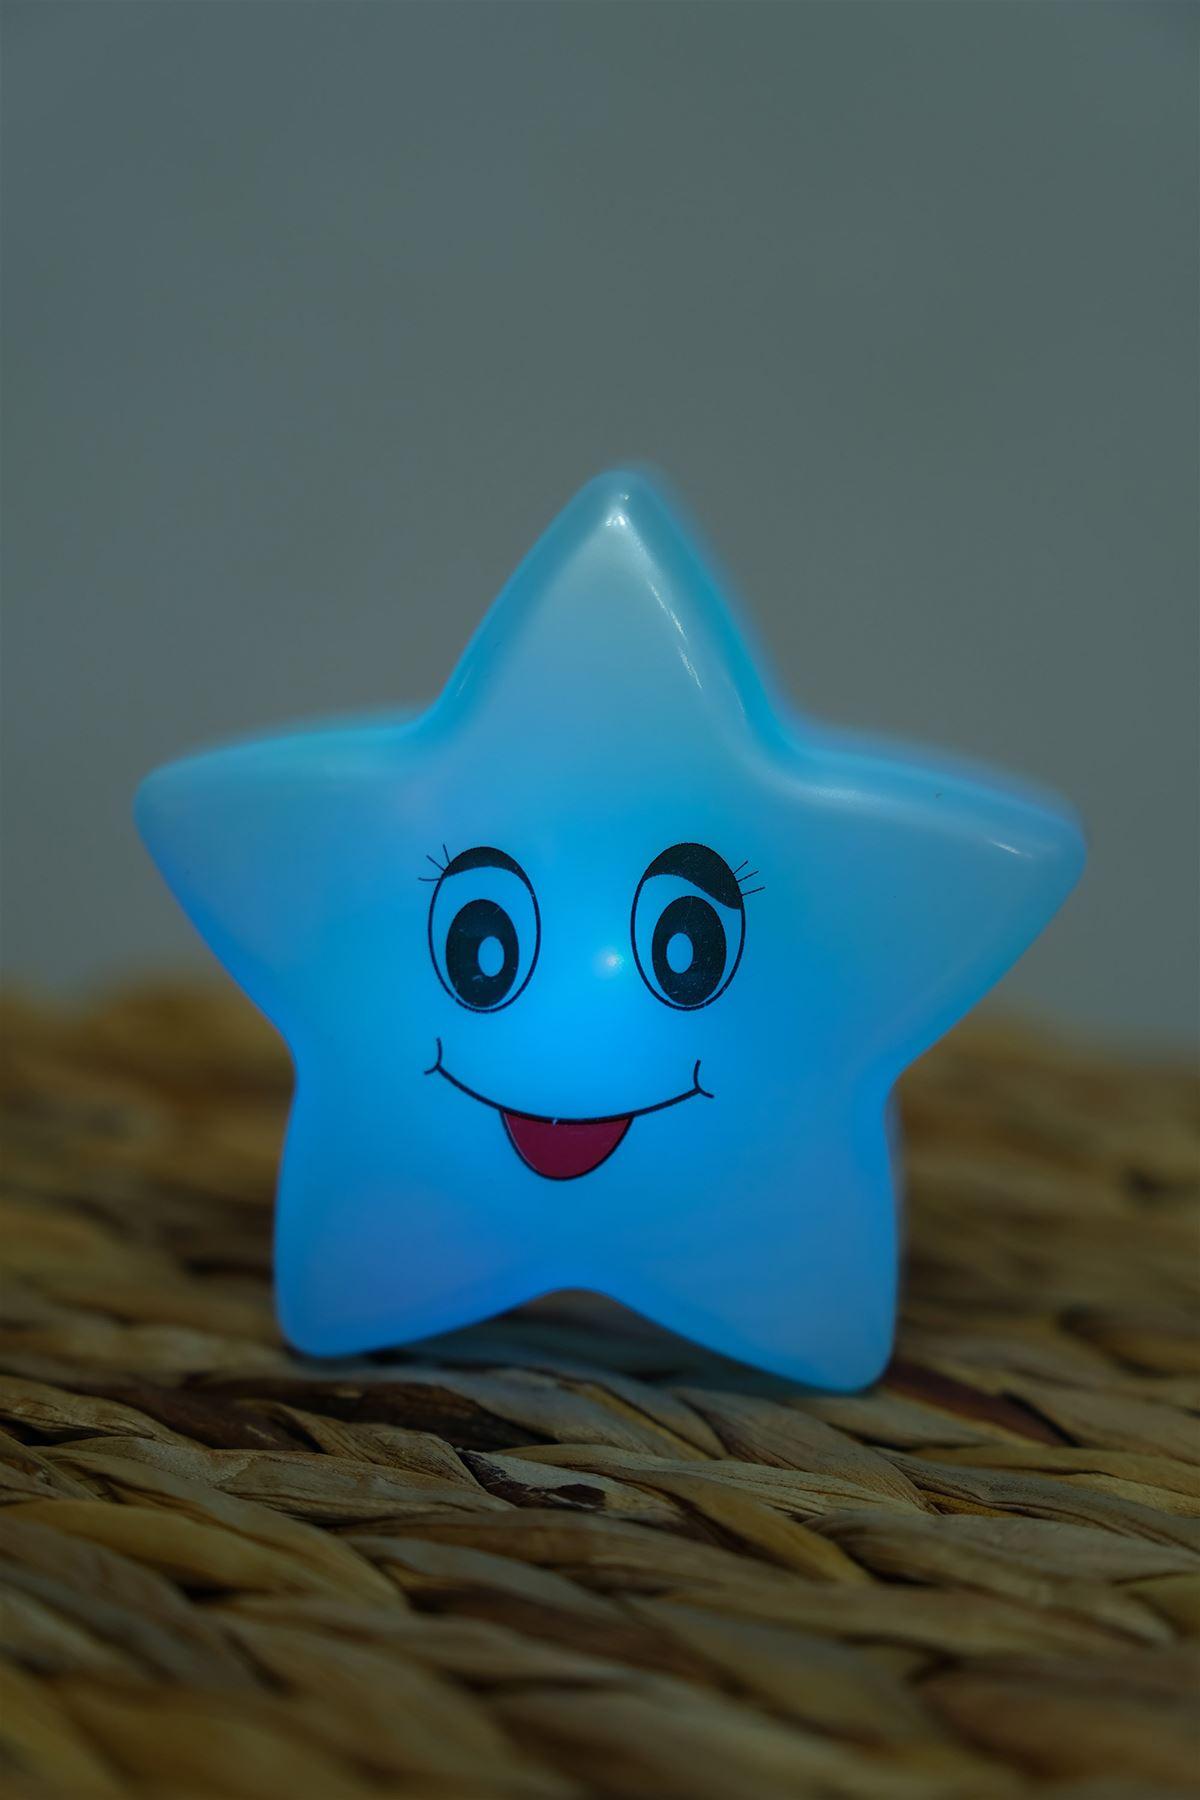 7 Renk Yıldız Işık 01 - 4899.1342.